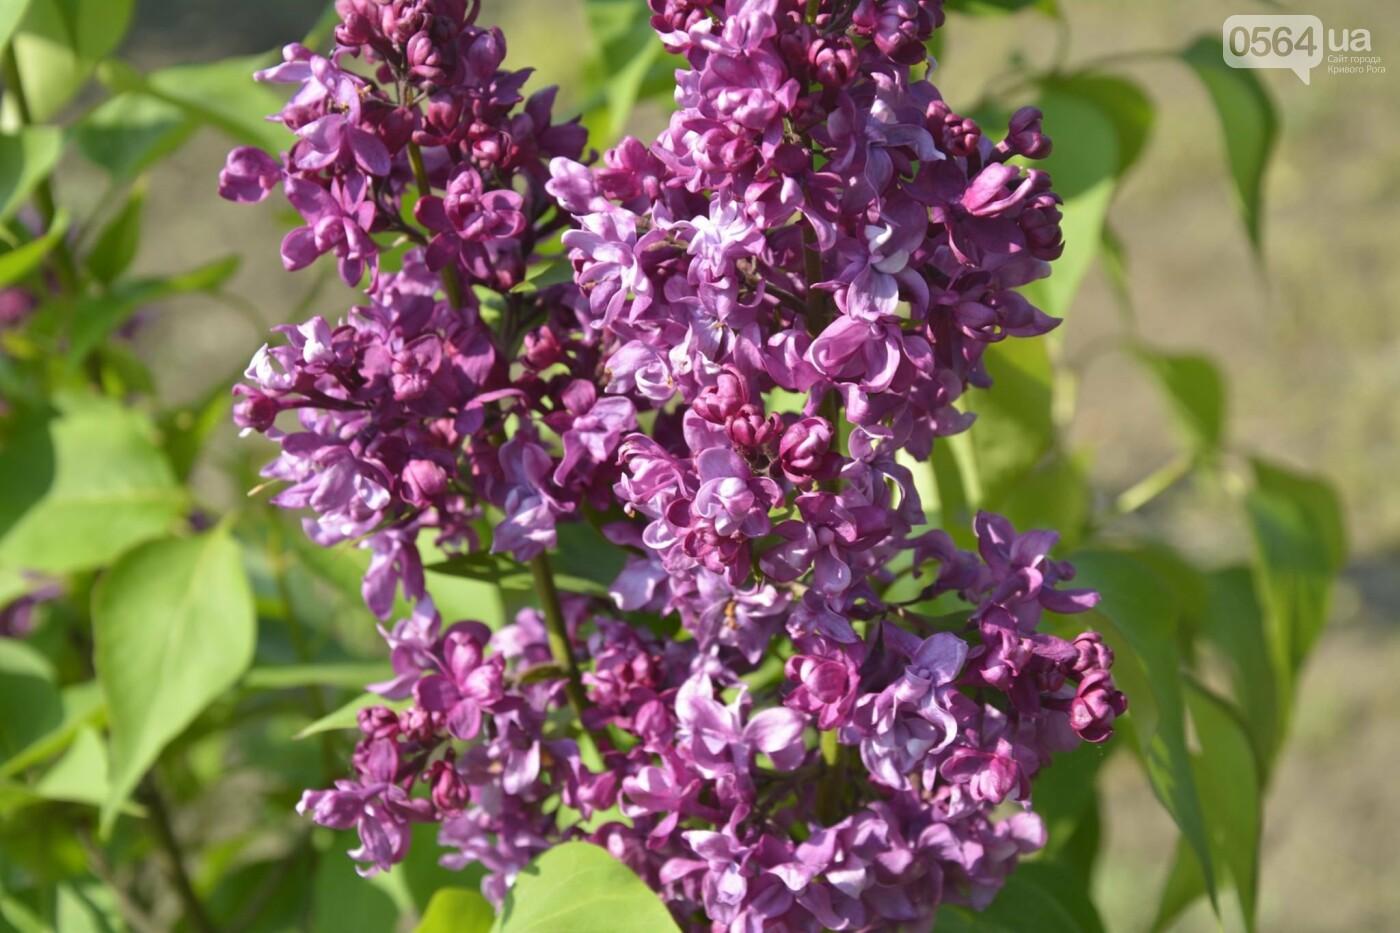 """Коллекция сирени, тюльпан """"Черный кофе"""", барбарис, - как выглядит Криворожский ботанический сад сегодня, - ФОТО, фото-18"""